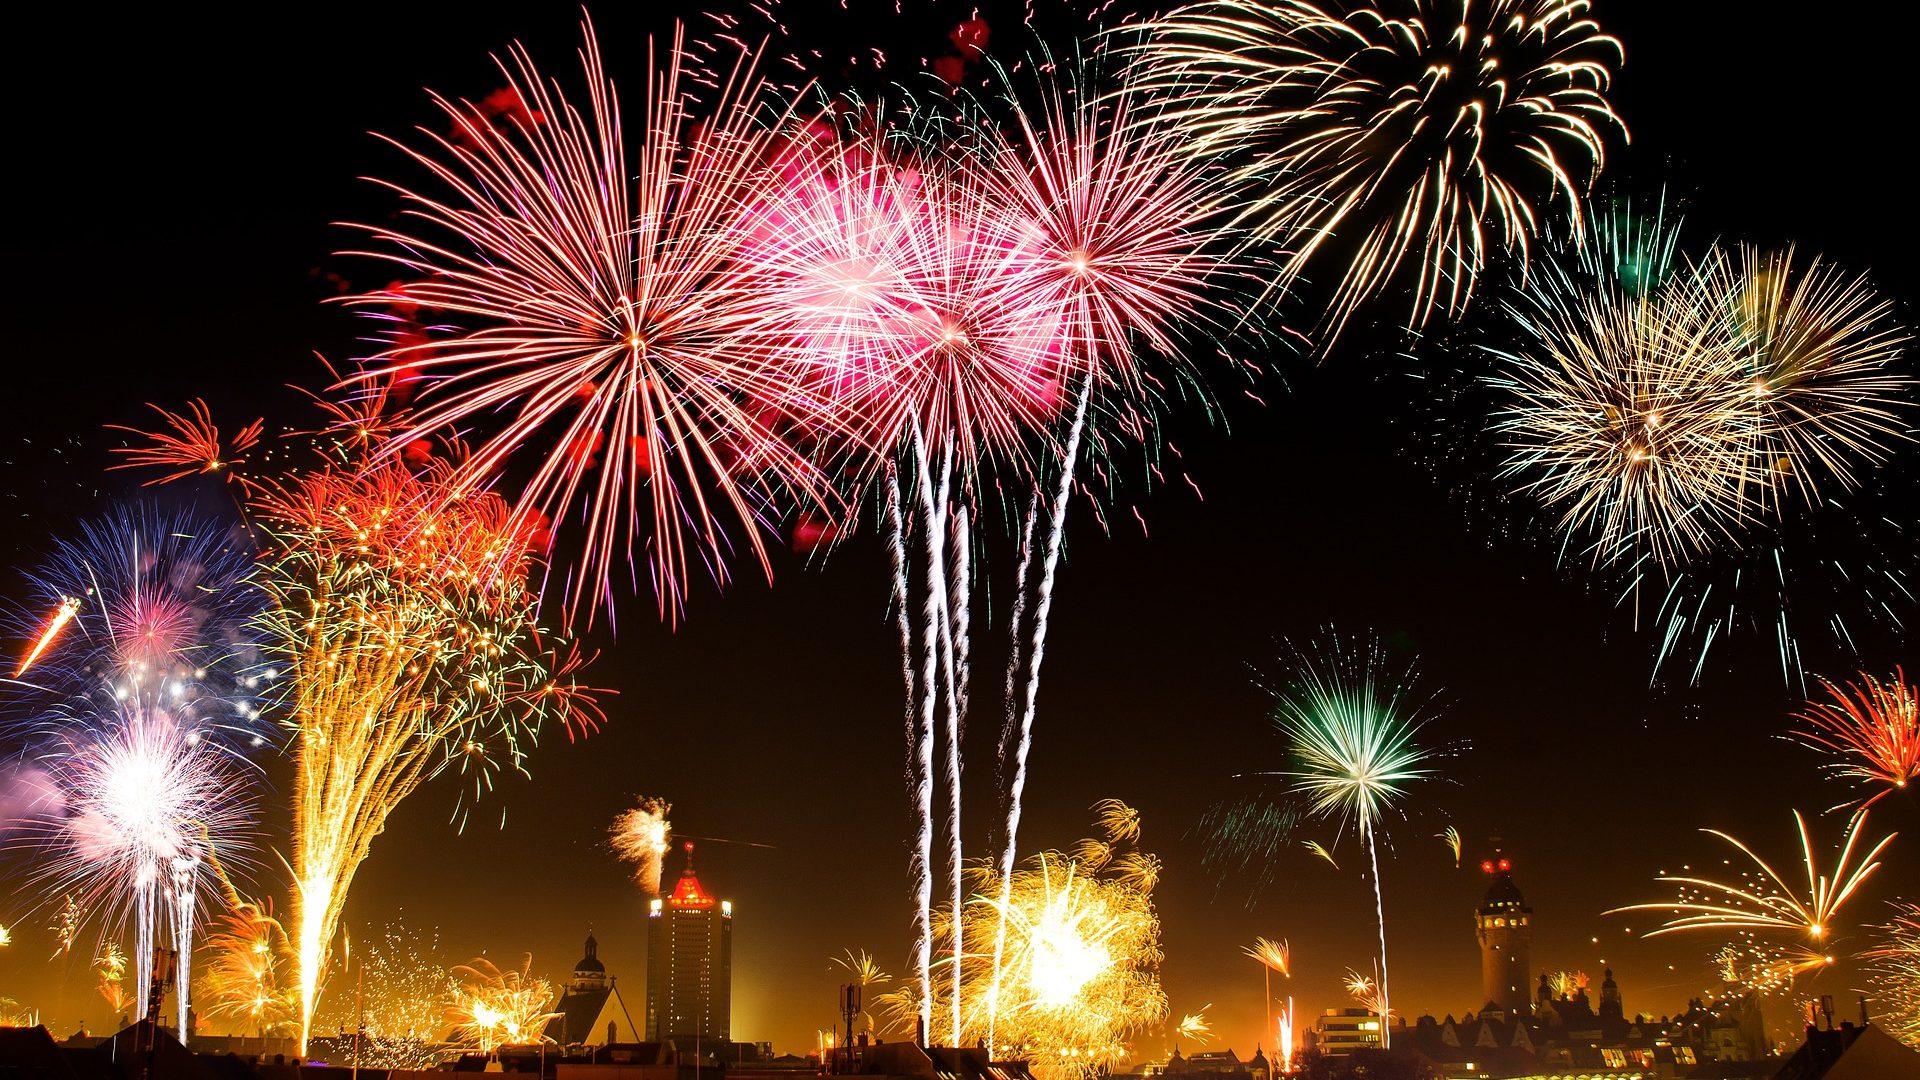 Image: Fireworks exploding above a city skyline